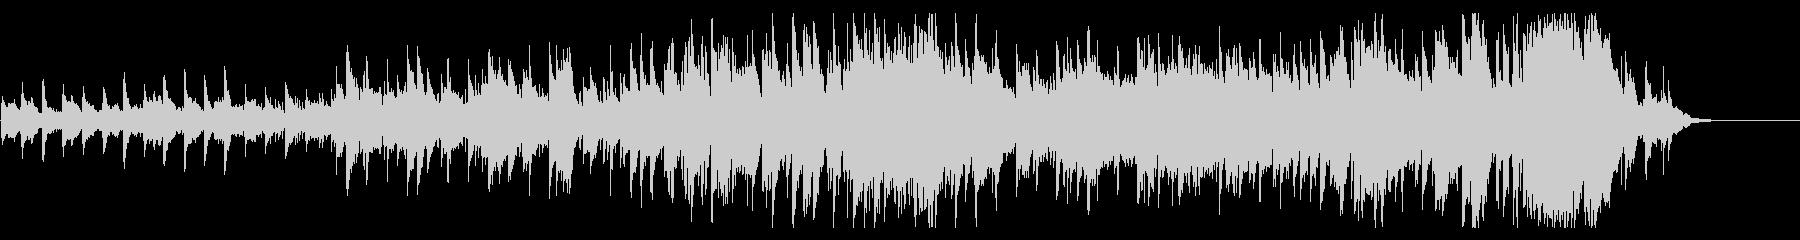 感動的なバイオリンとピアノのバラードの未再生の波形